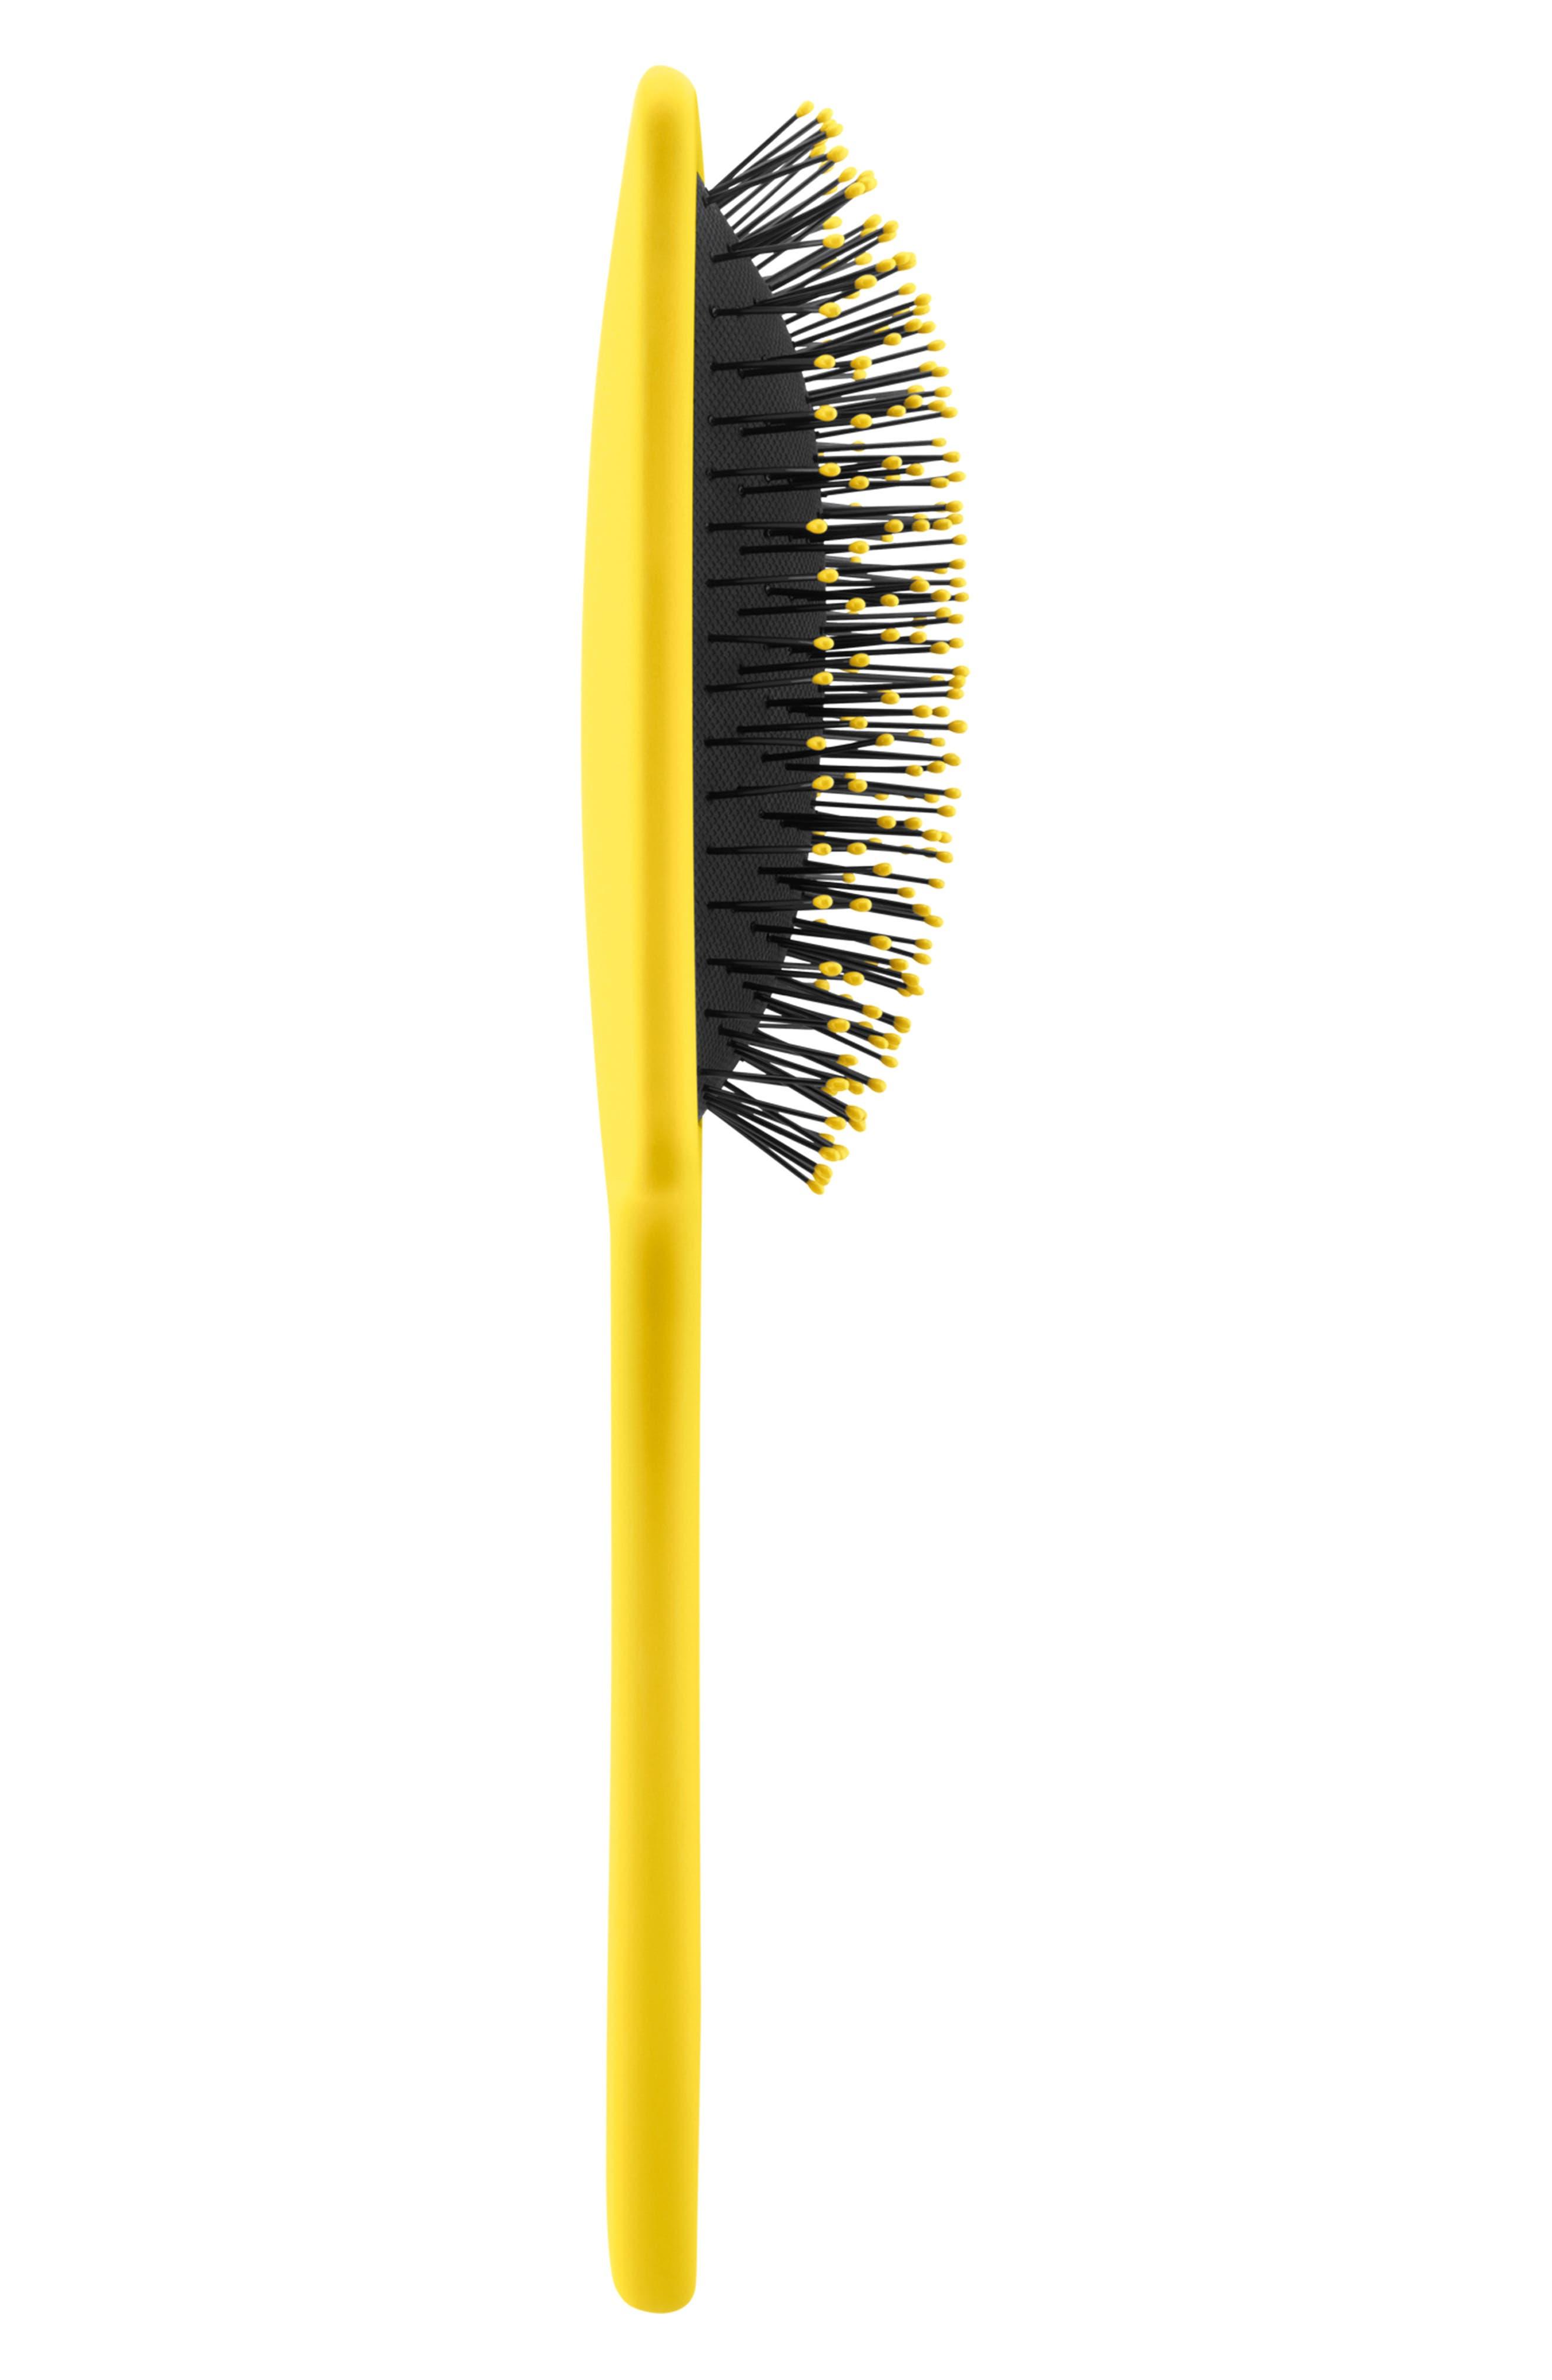 DRYBAR The Lemon Bar Paddle Brush